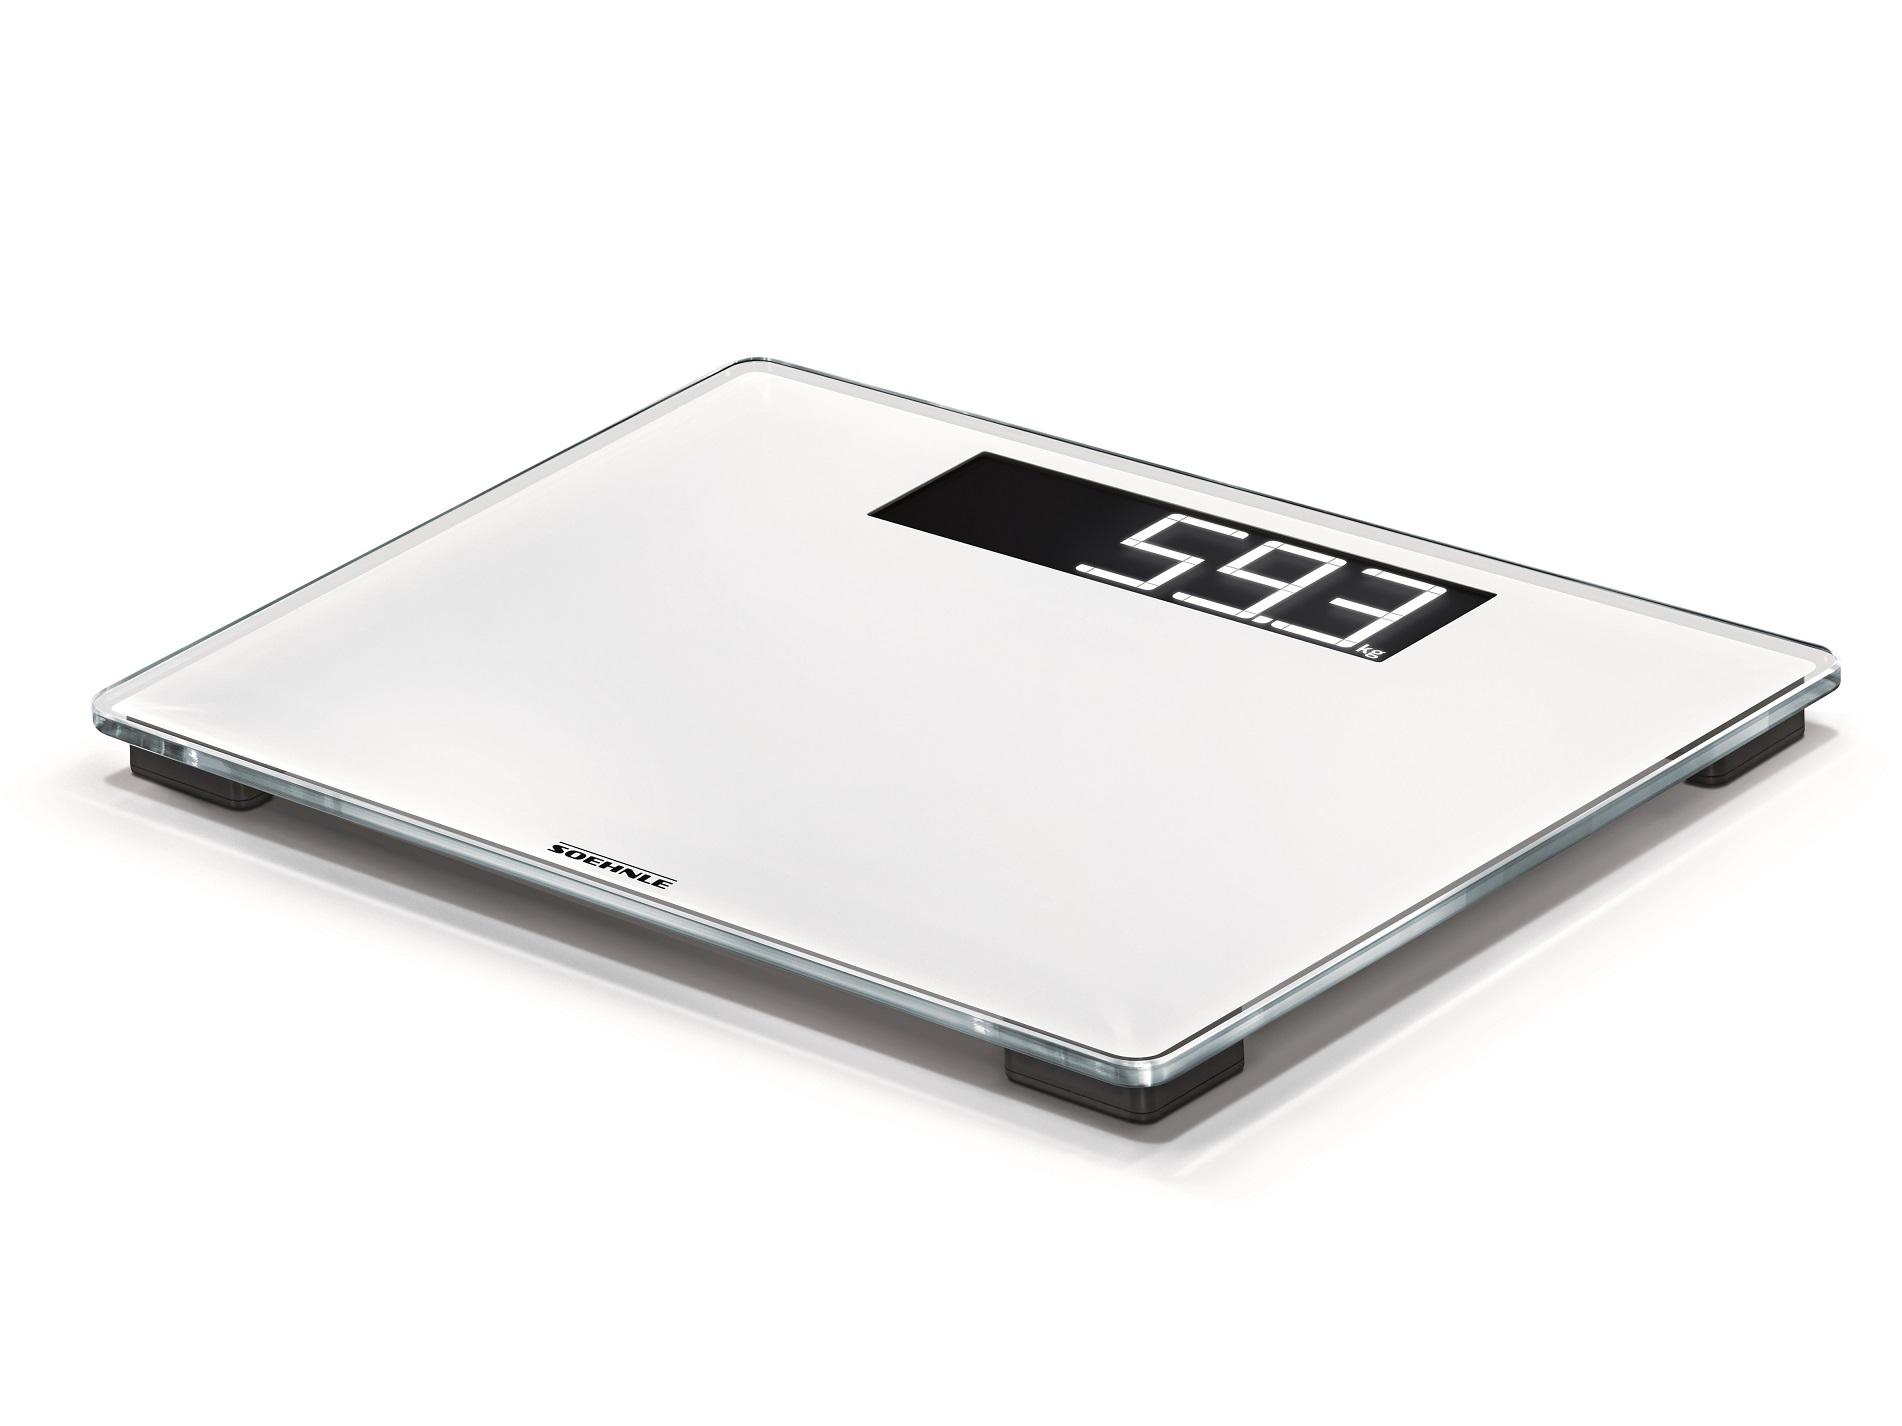 Soehnle Osobní váha STYLE SENSE Multi 300 - digitální SOEHNLE 63865